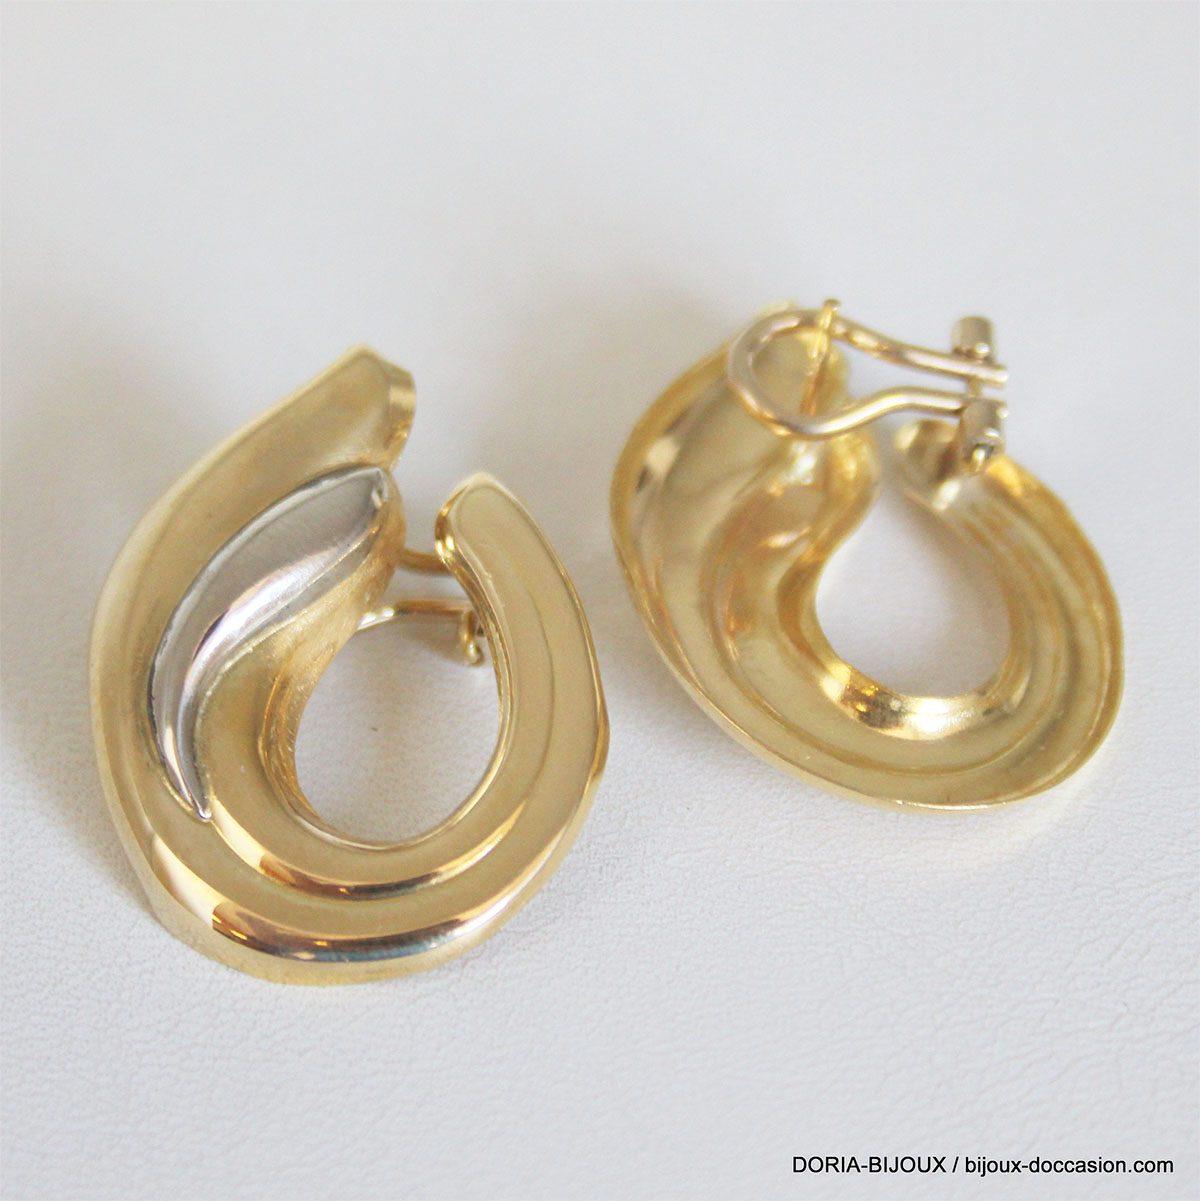 Boucles D 'oreilles Clip Or 18k 750 - 9.4grs